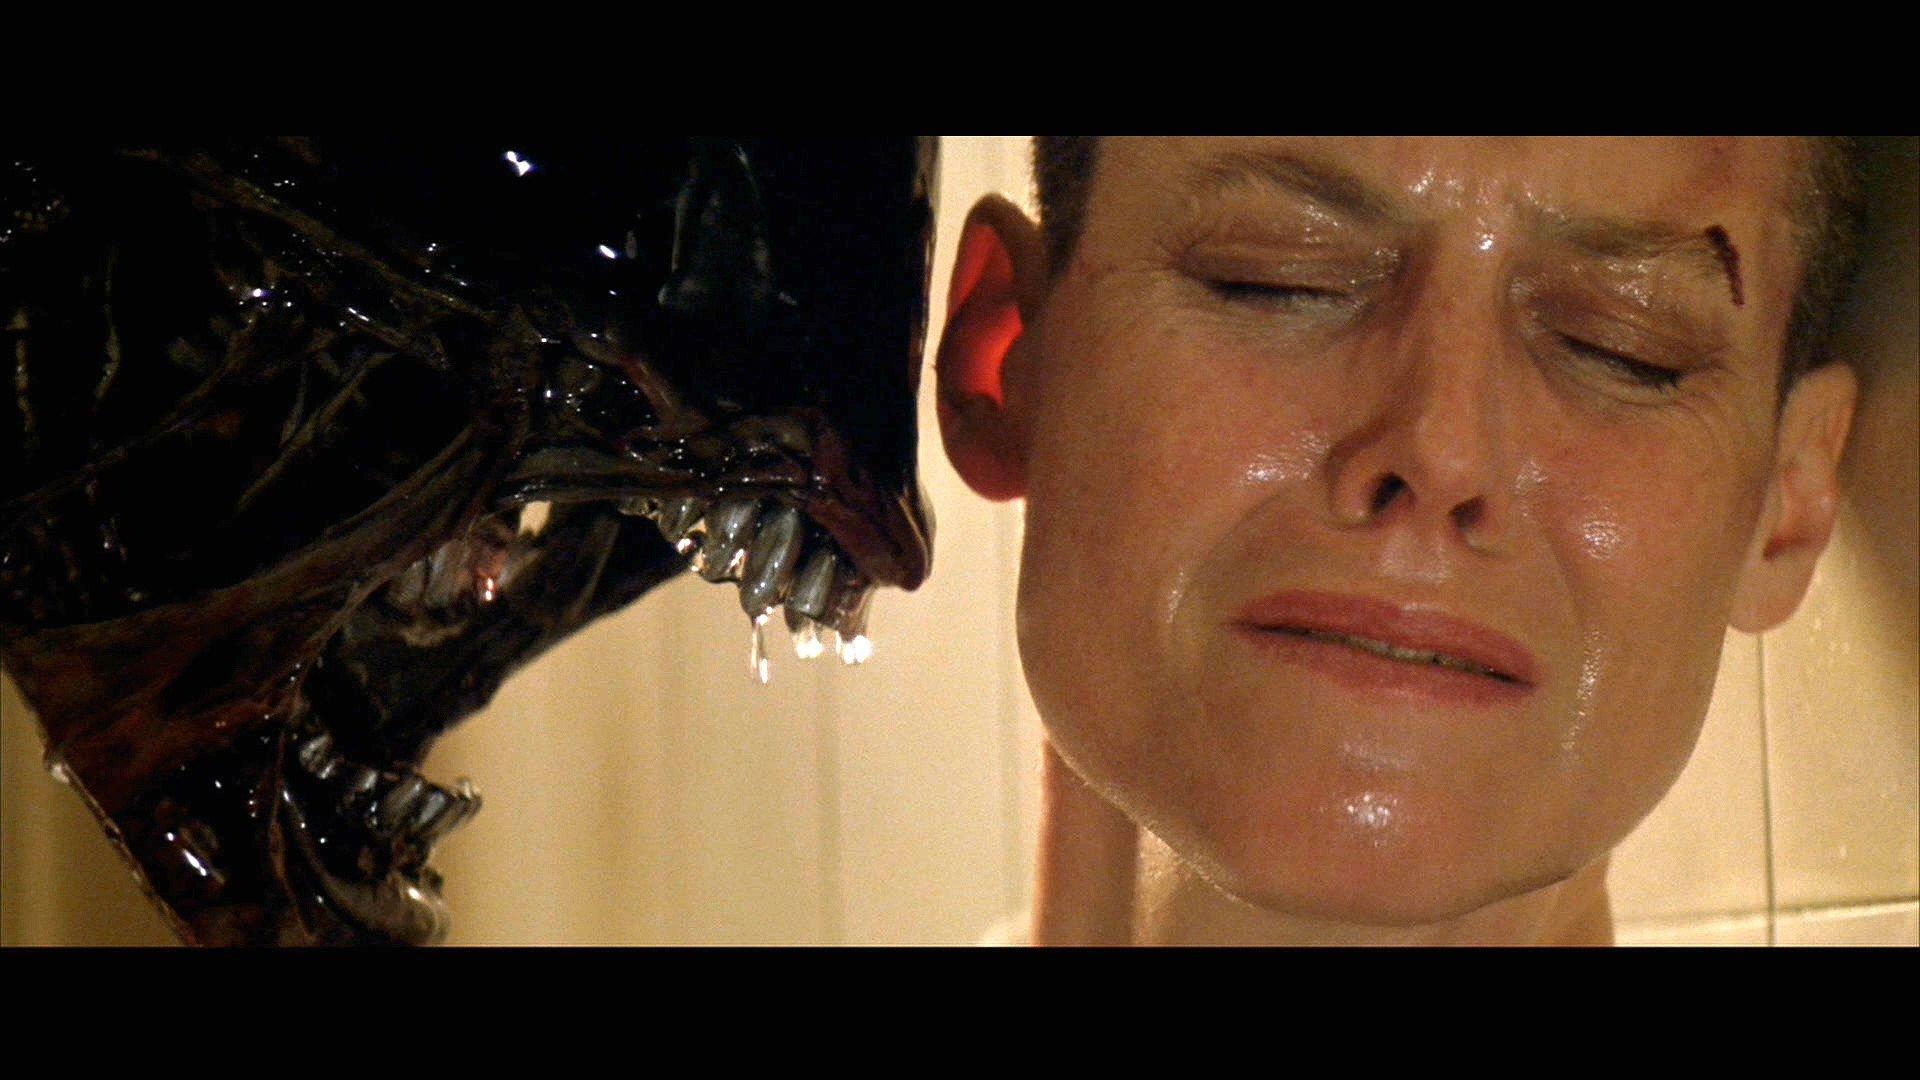 alien inside ripley - HD1920×808